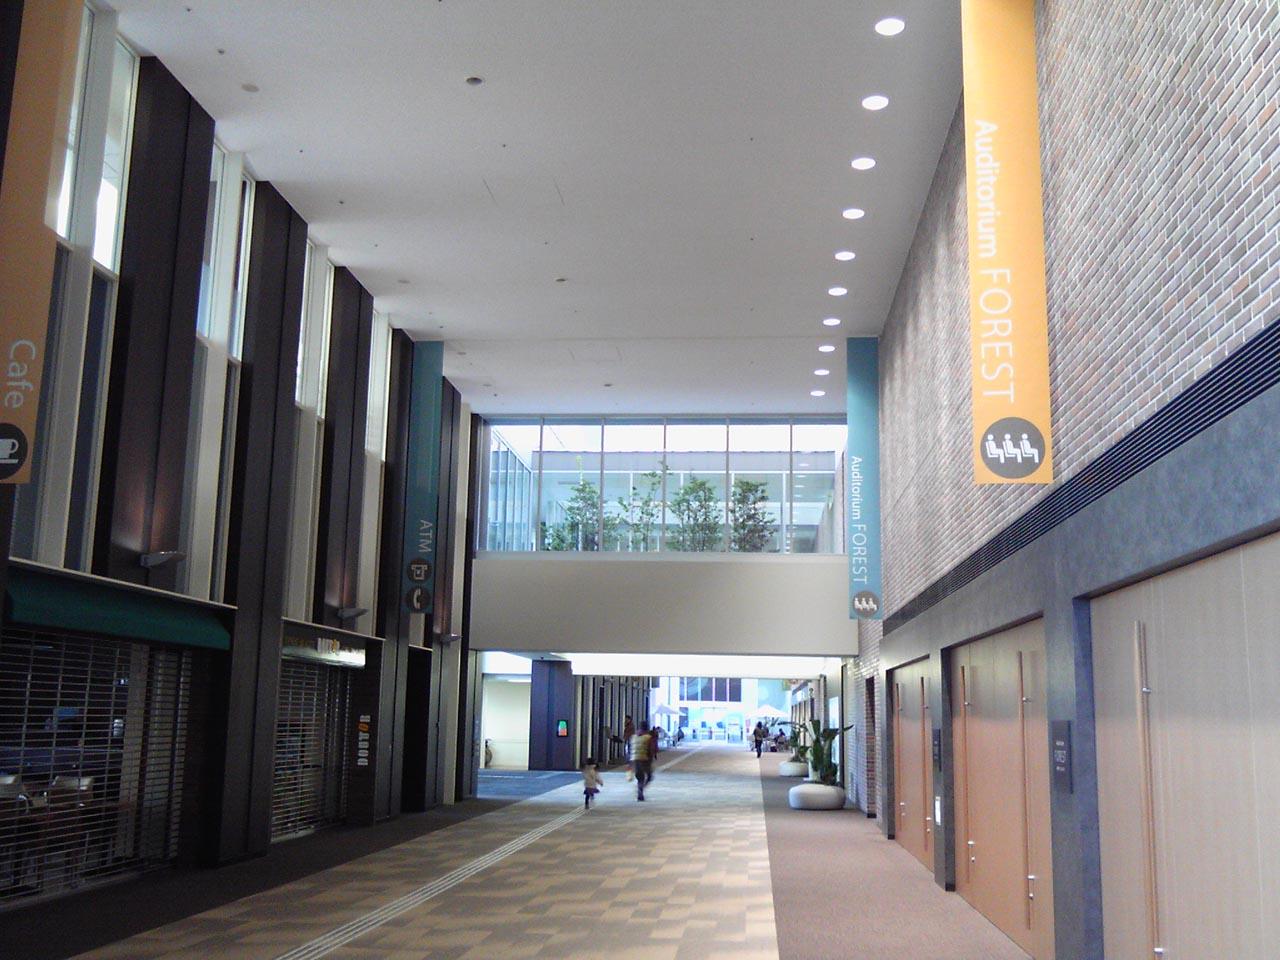 医療 センター 東京 都立 総合 多摩 東村山・清瀬を中心とした総合病院「多摩北部医療センター」